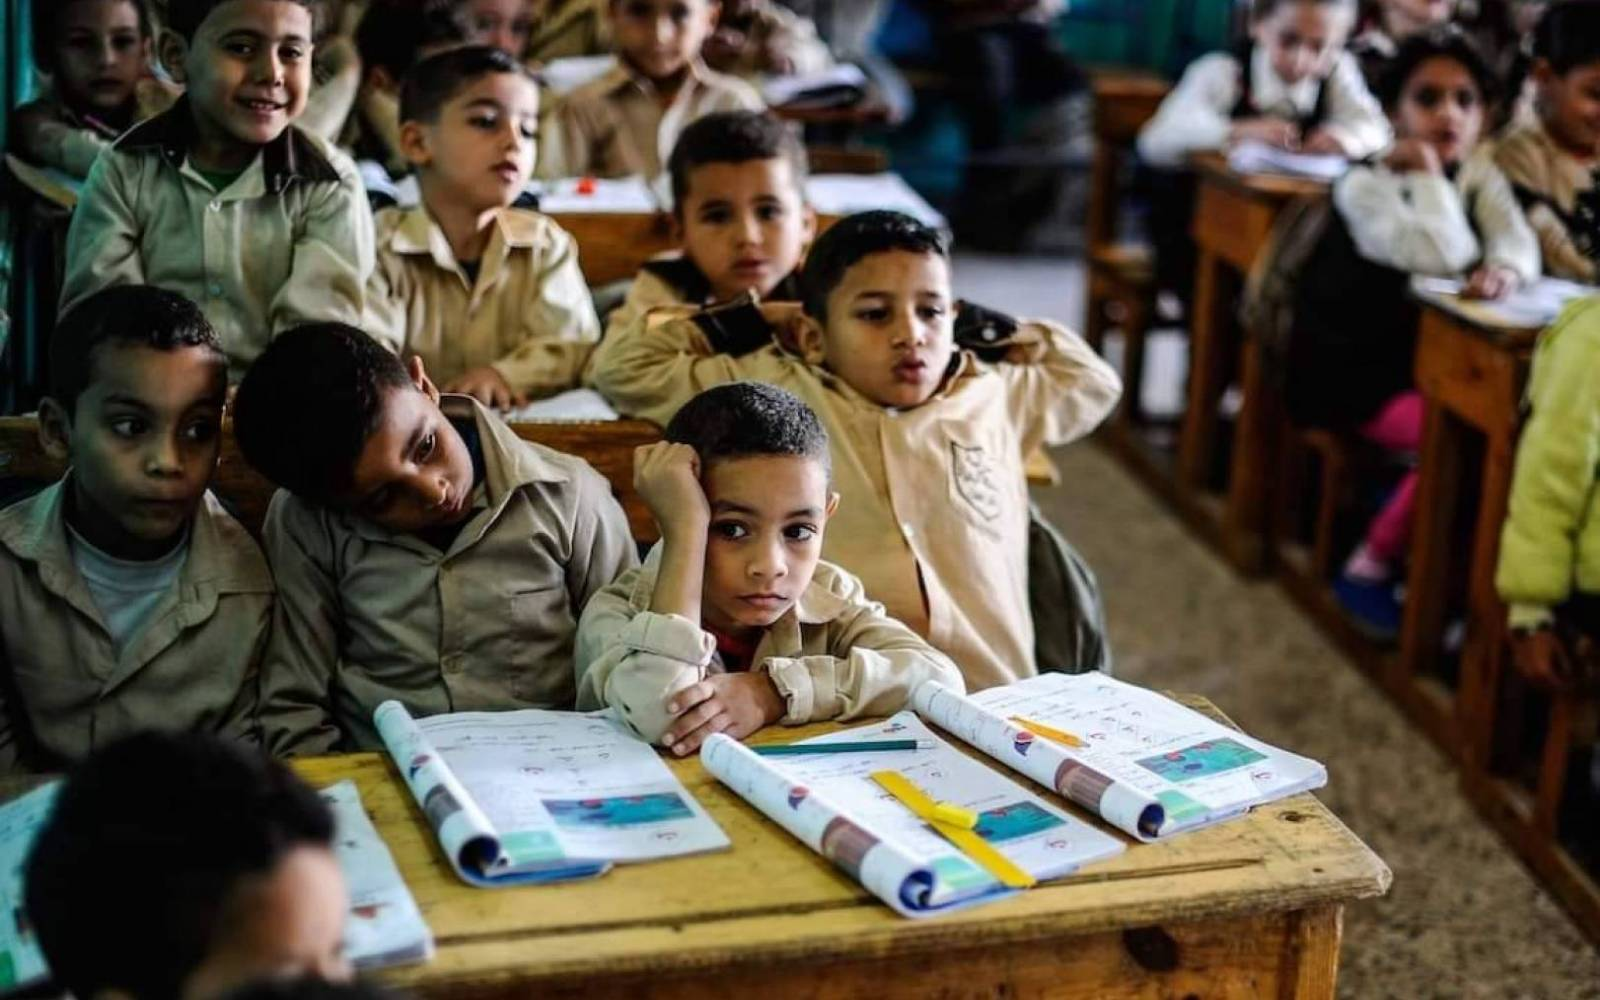 لمواجهة فيروس كورونا| قرار من التعليم بتعليق الأنشطة وتعديل الجدول الدراسي 1